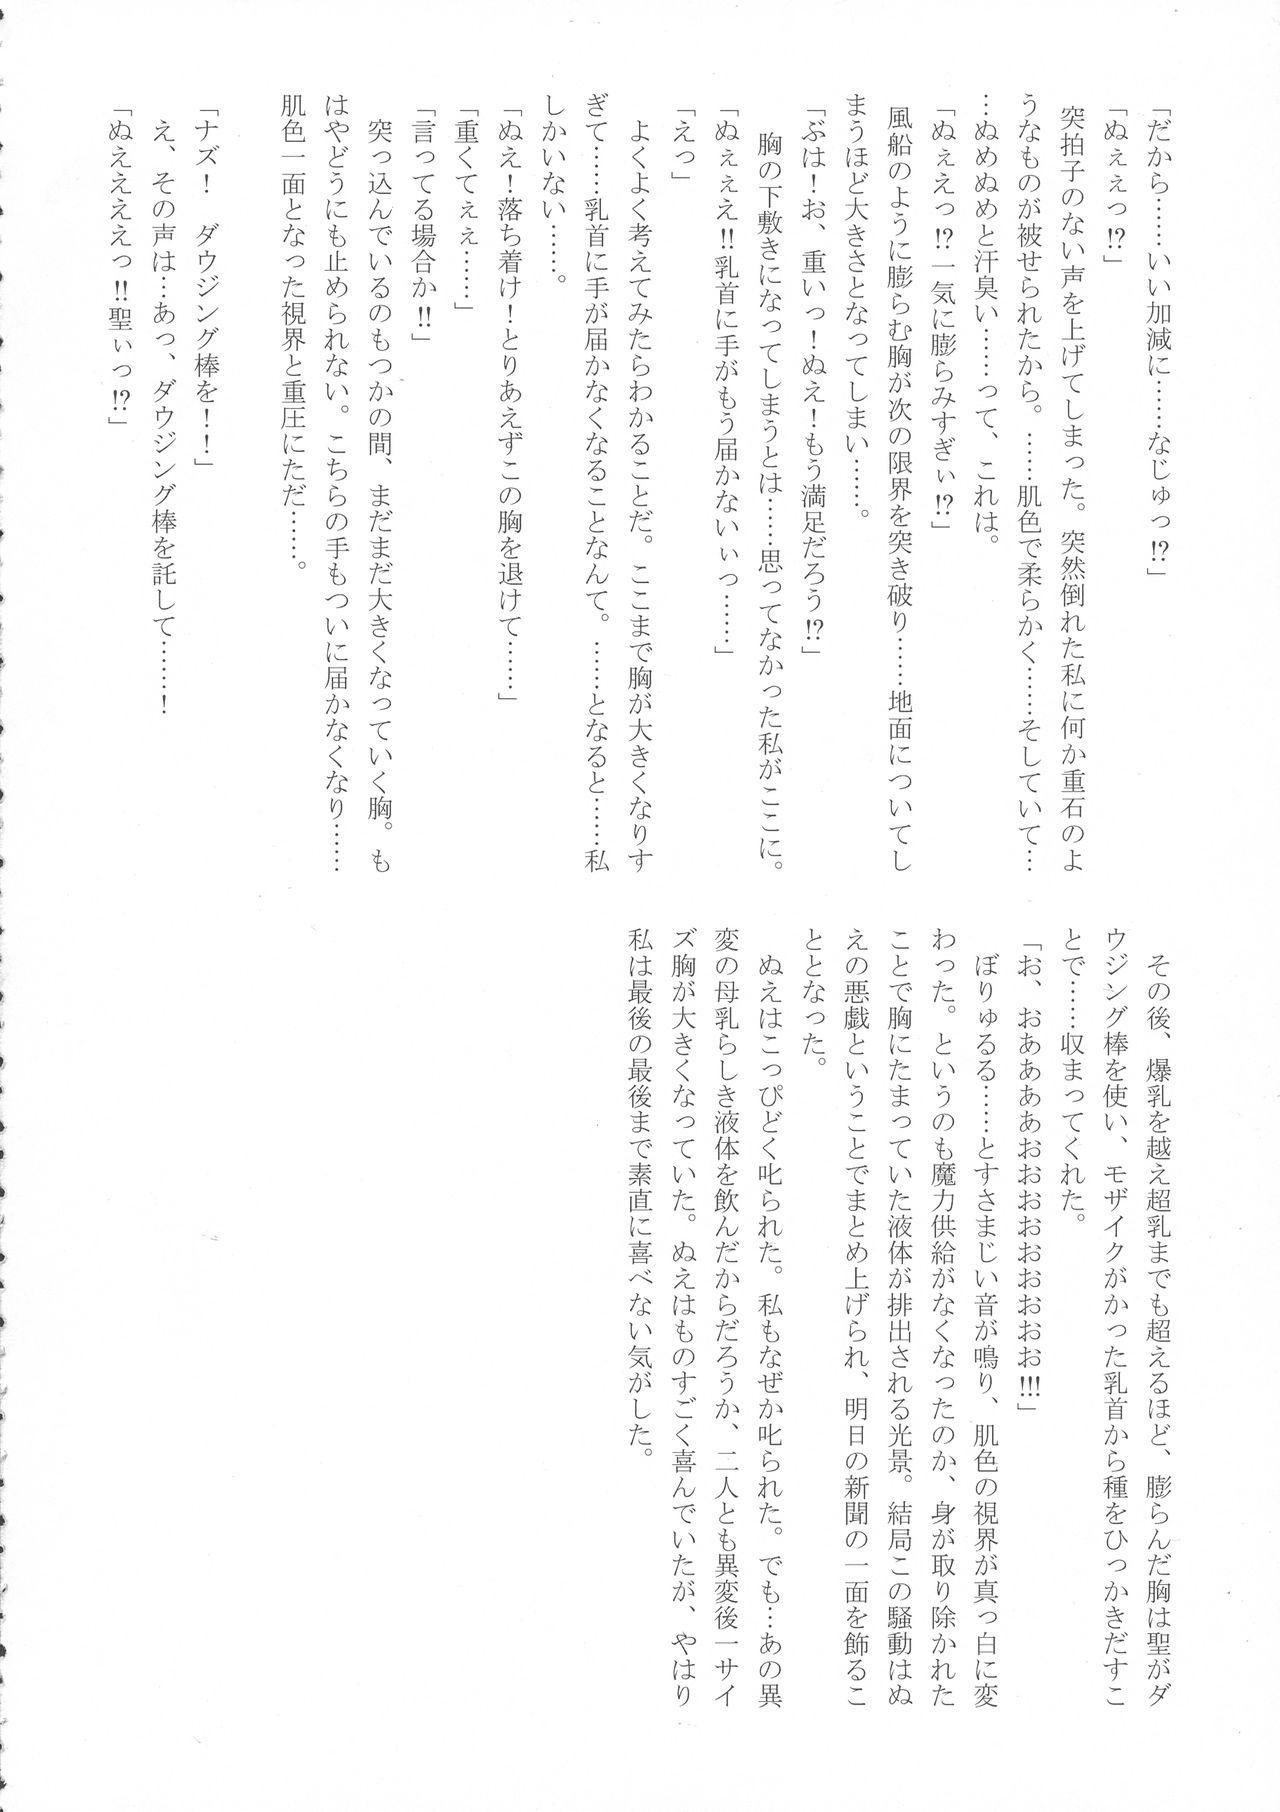 (Reitaisai 15) [HORIC WORKS (Various)] Touhou Bouchou-kei Sougou Goudou-shi `Boujo 2!!!!!!!!' (Touhou Project) 68